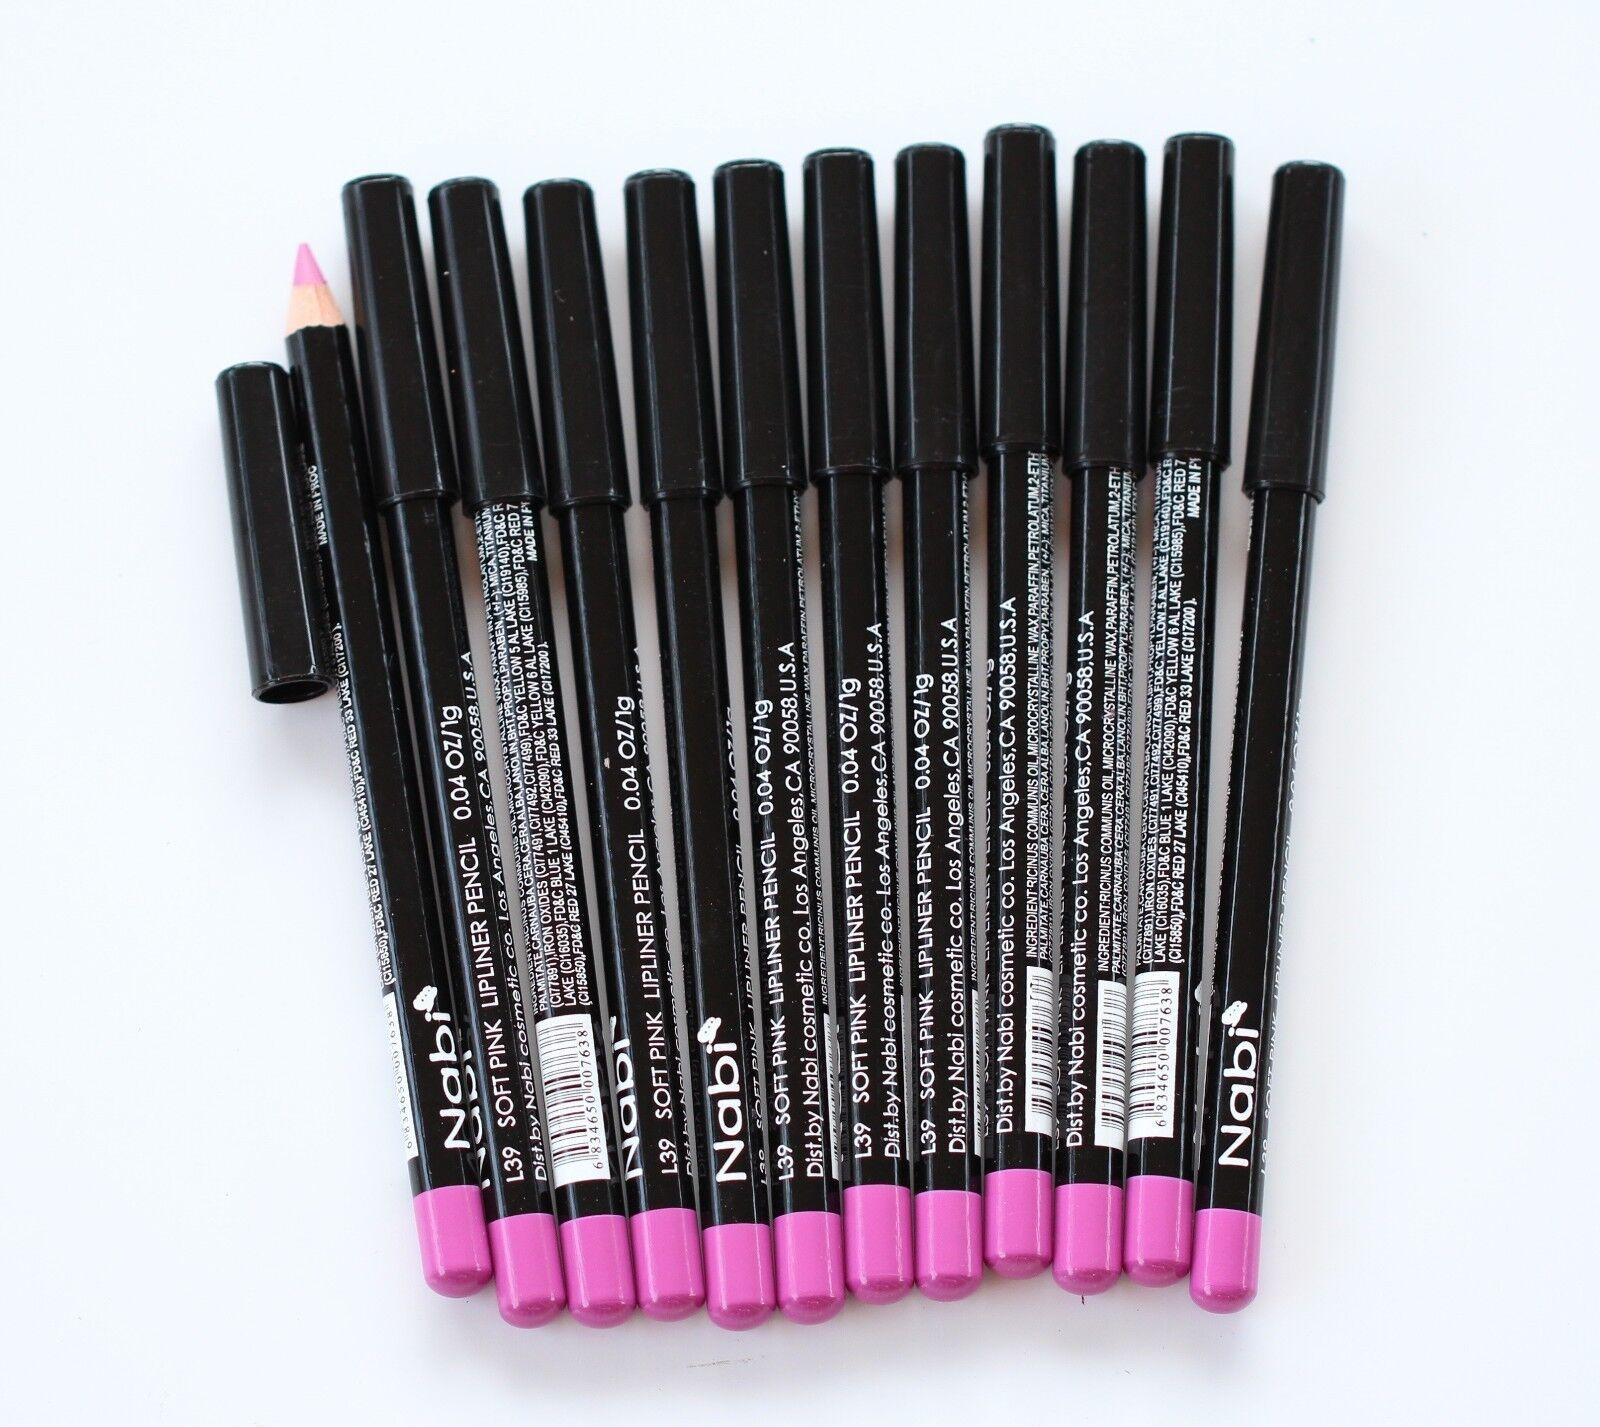 12 pcs NABI L39 SOFT PINK Lip Liner Pencil